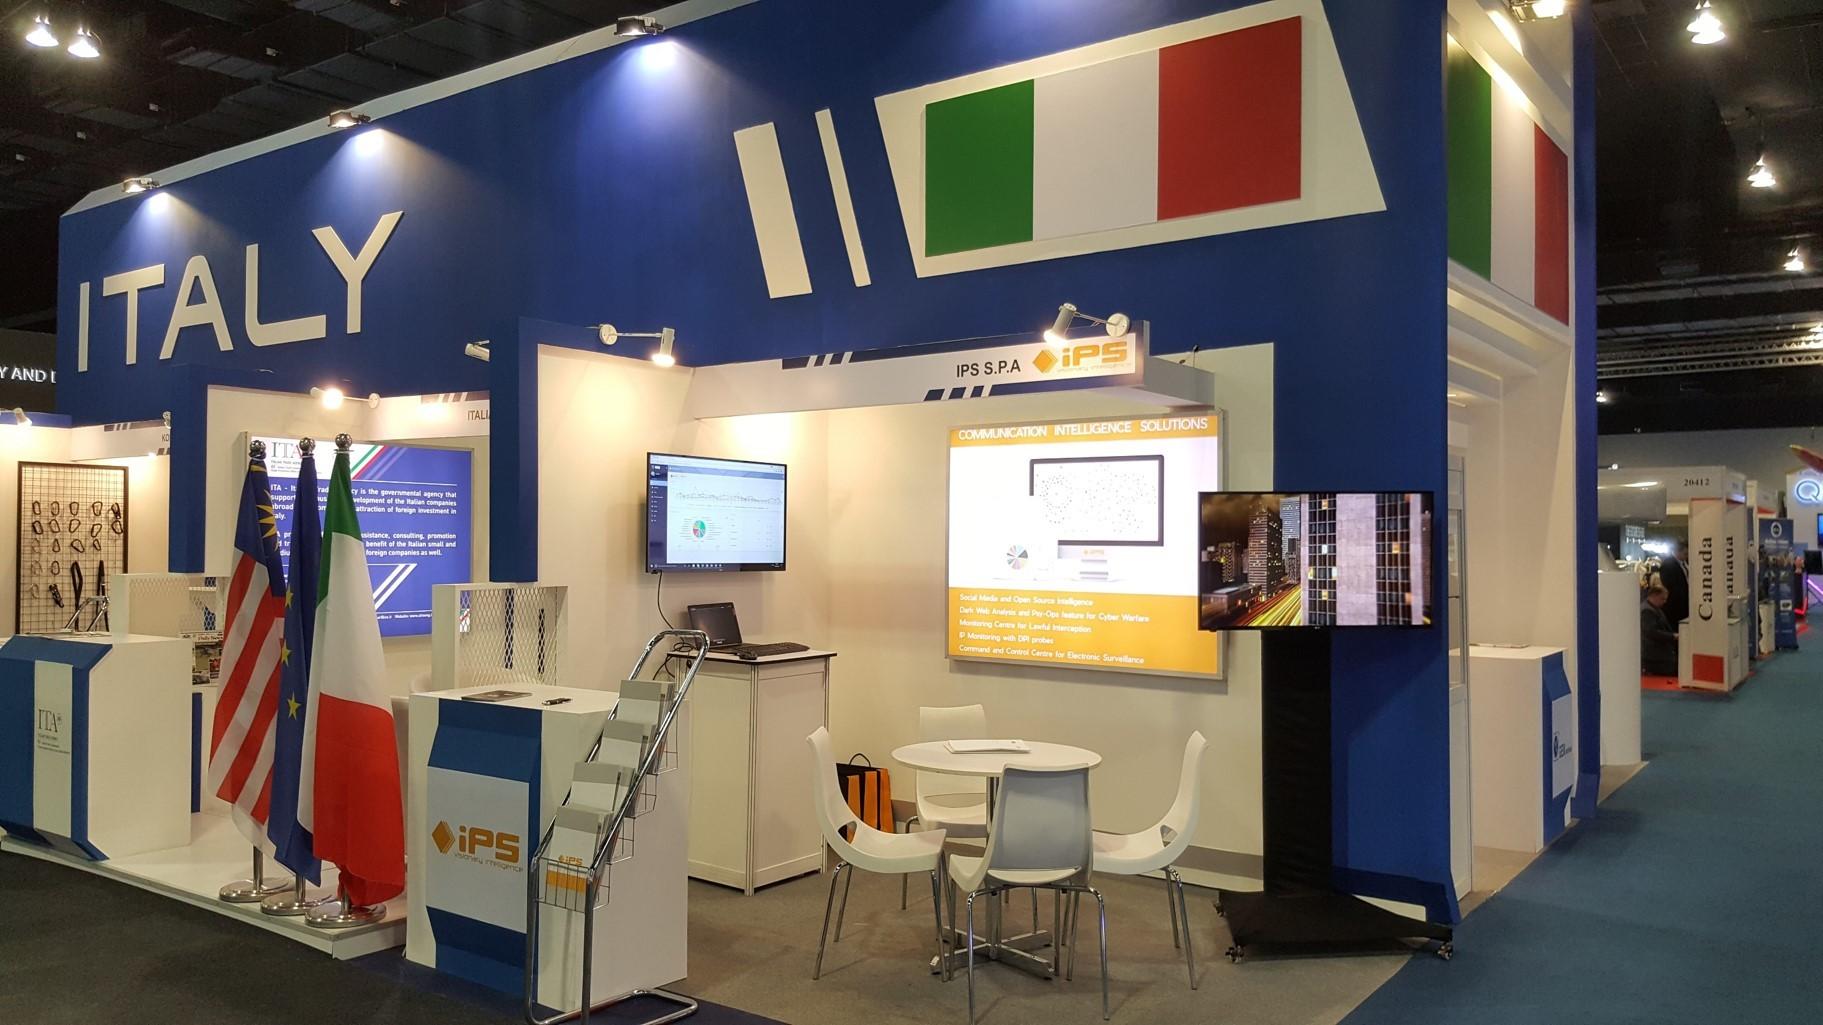 Italian Technology in Malaysia